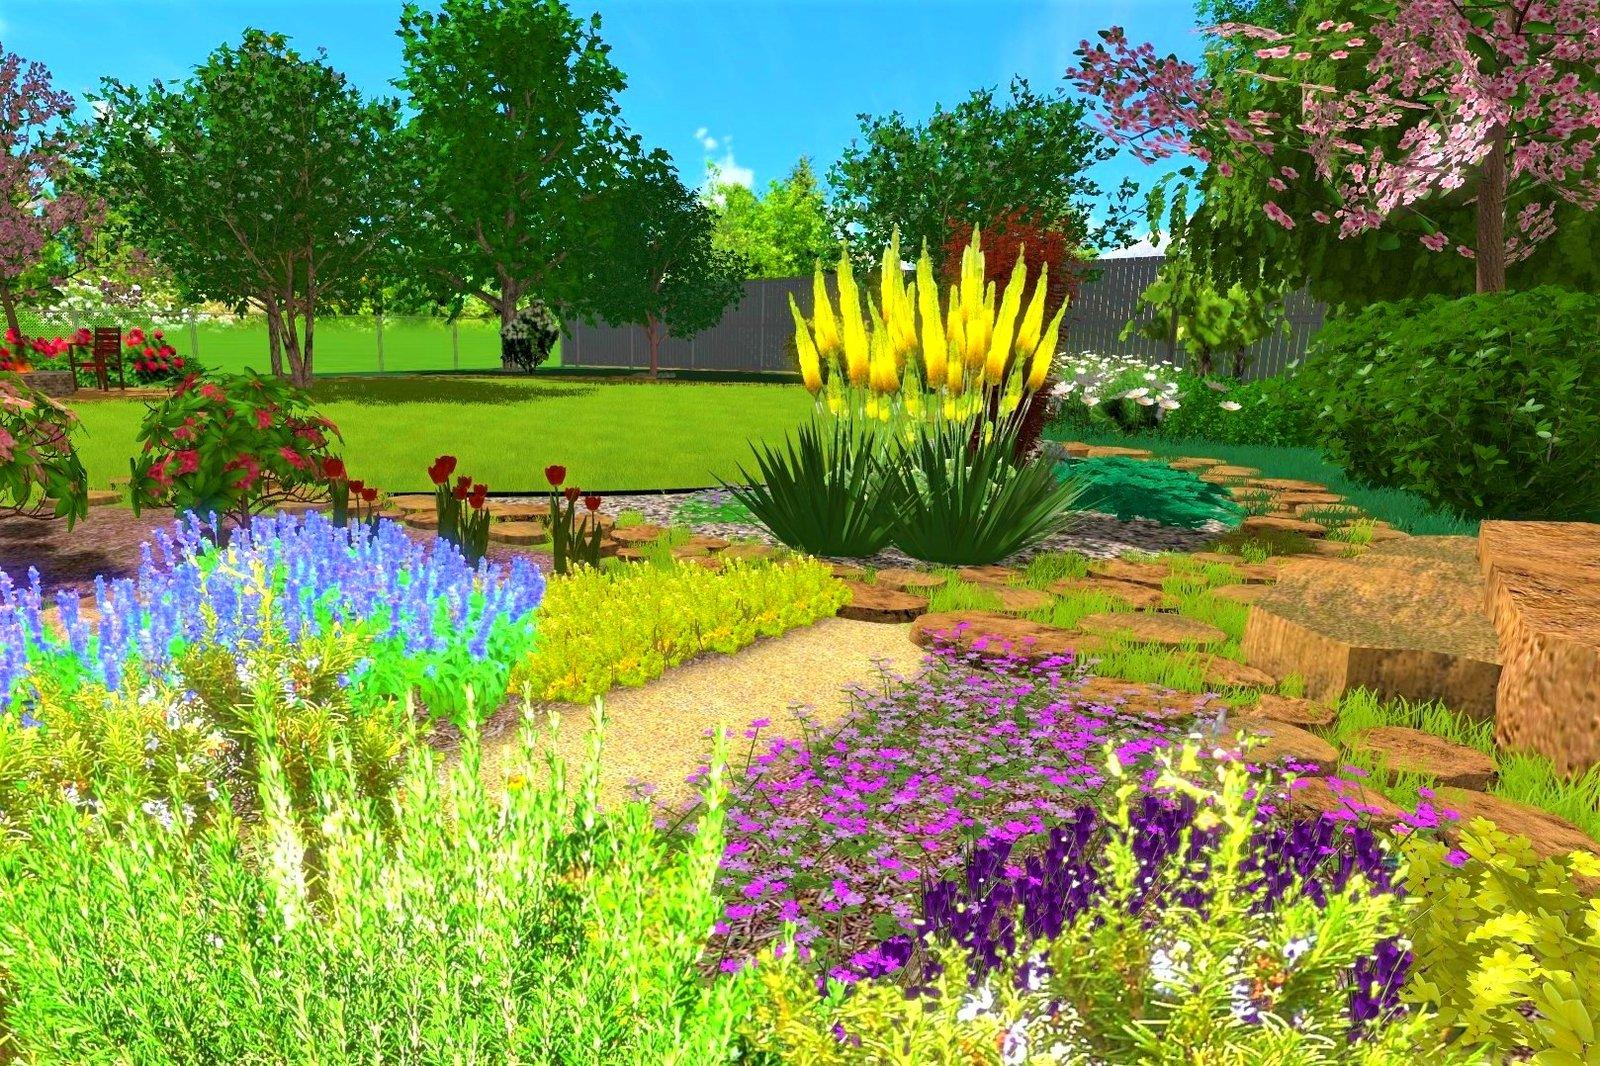 Выполнить проект ландшафтного дизайна участка в Кивеве, заказать проект ландшафтного дизайна участка в Киеве, заказать садовый дизайн участка в Киеве